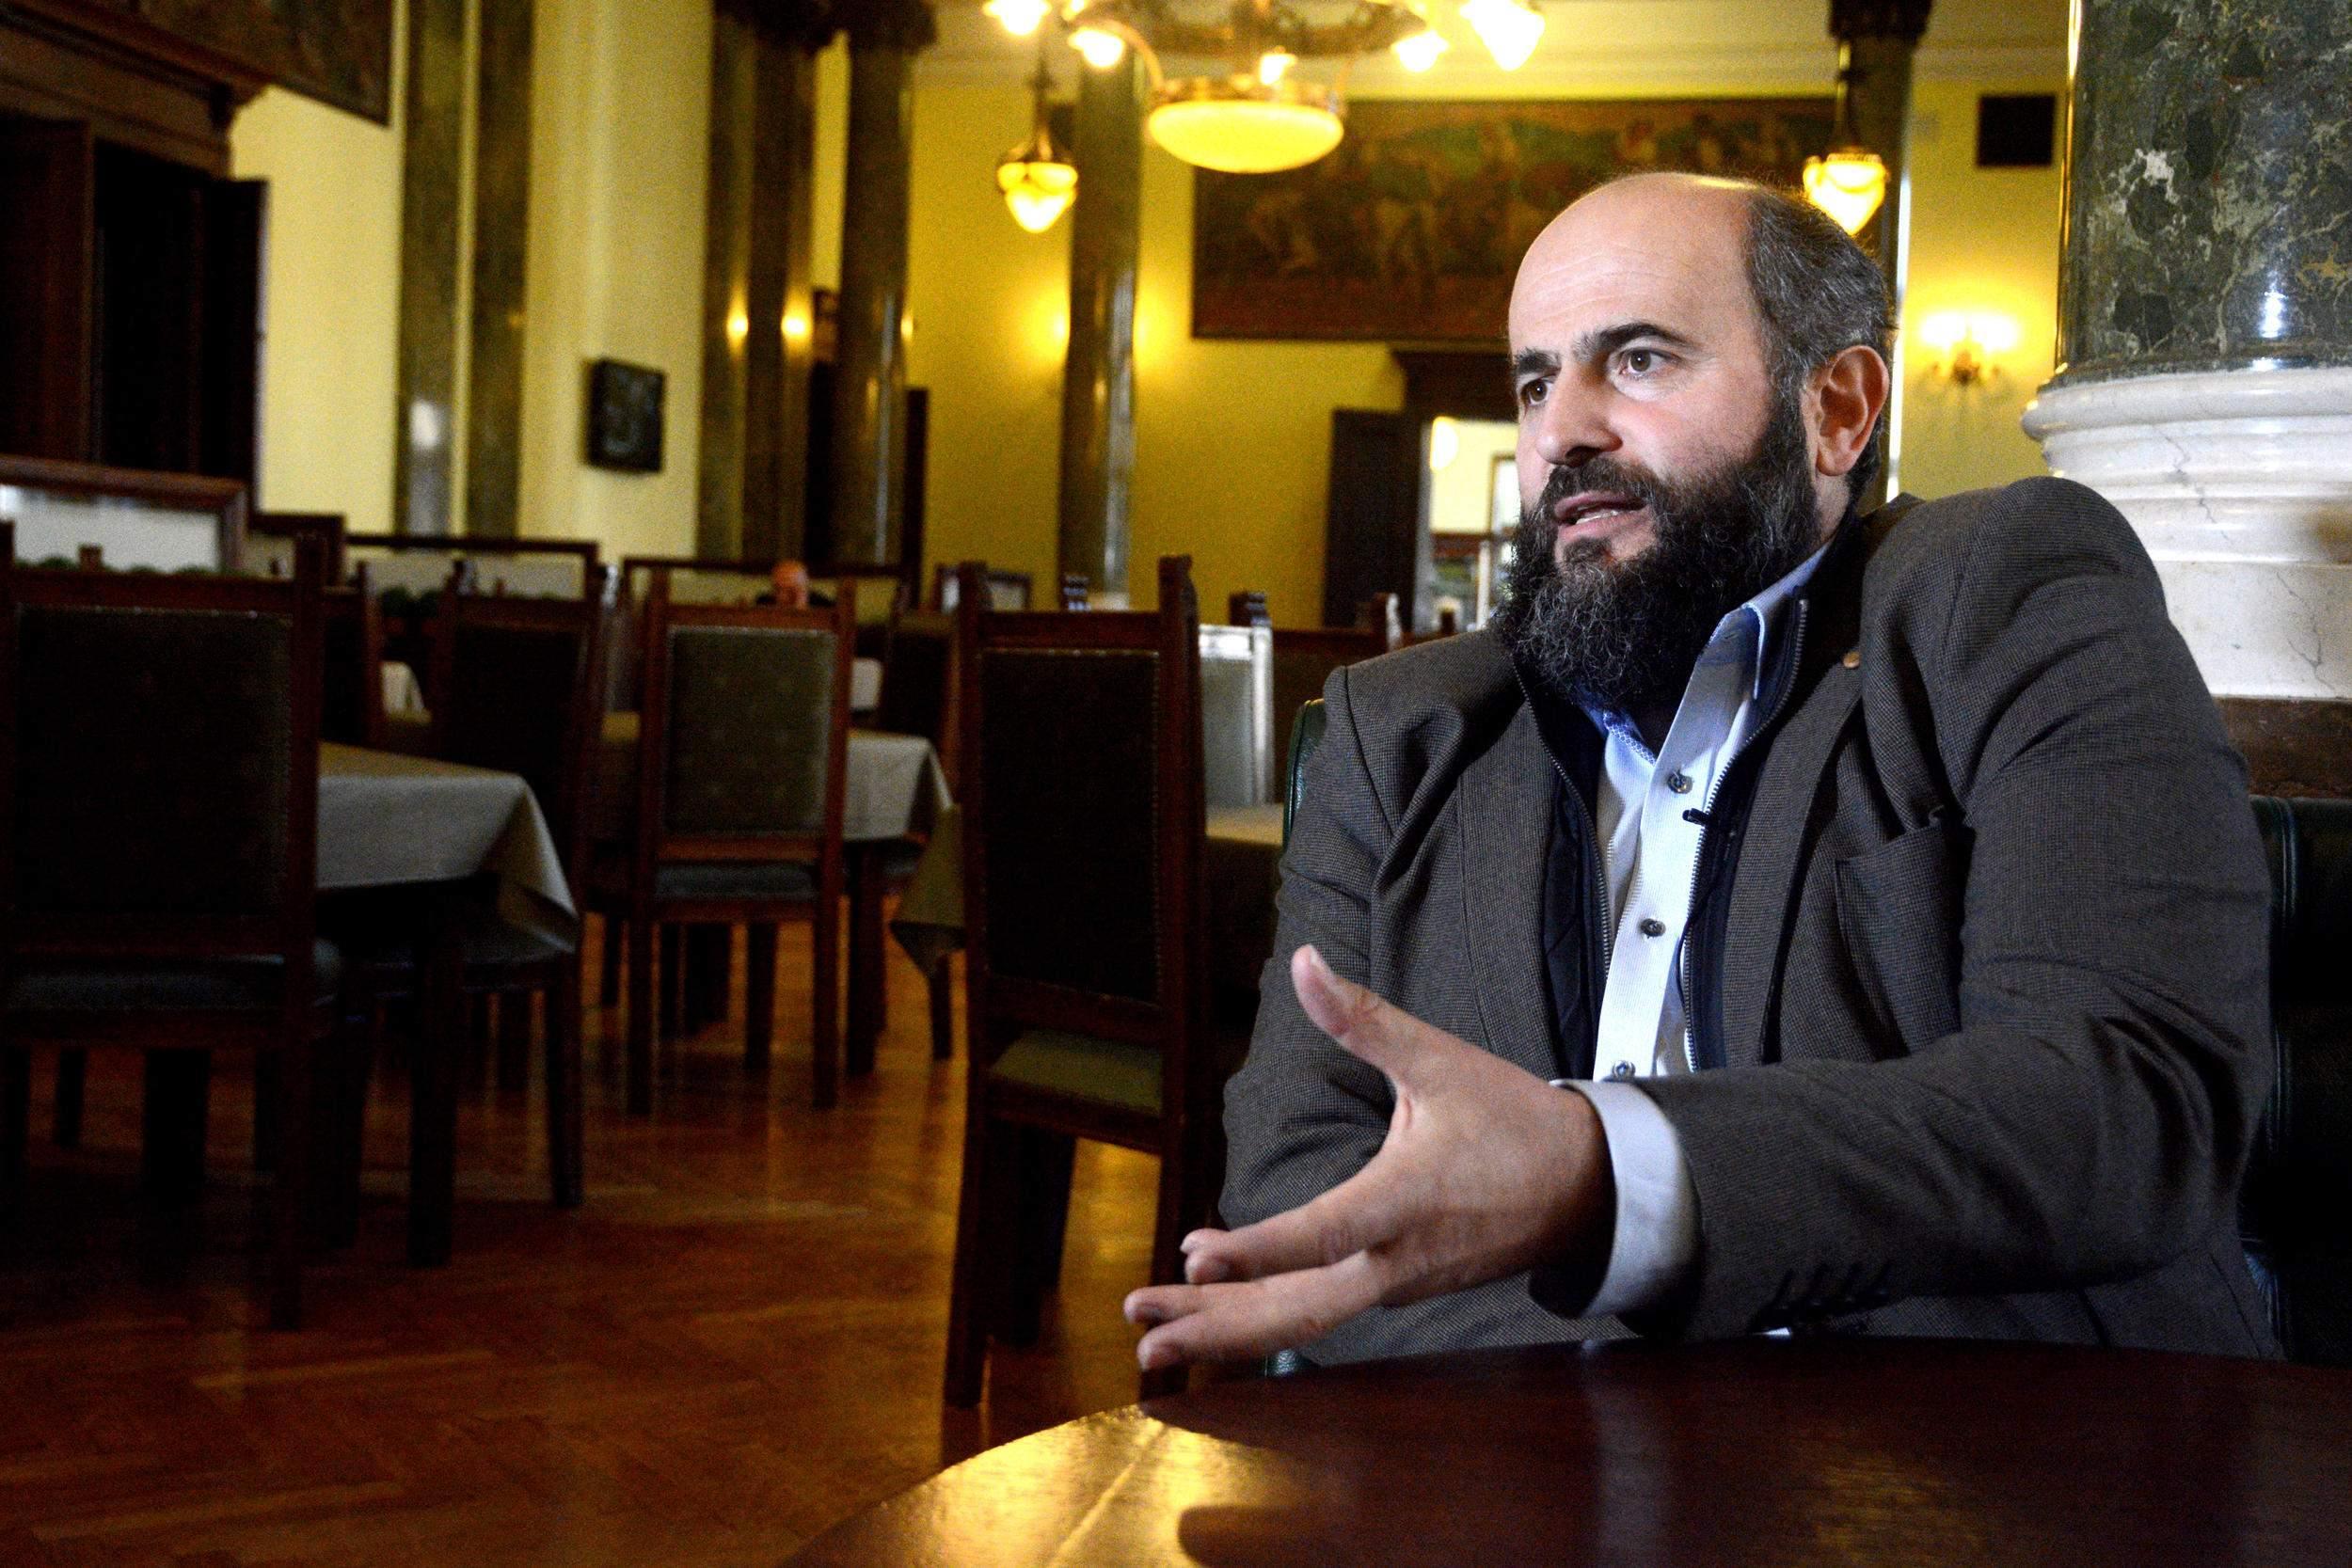 Muamer Zukorlić za INS: Povezivanje RS-a i Kosova može da vodi u nove sukobe, pitanje Sandžaka je otvoreno